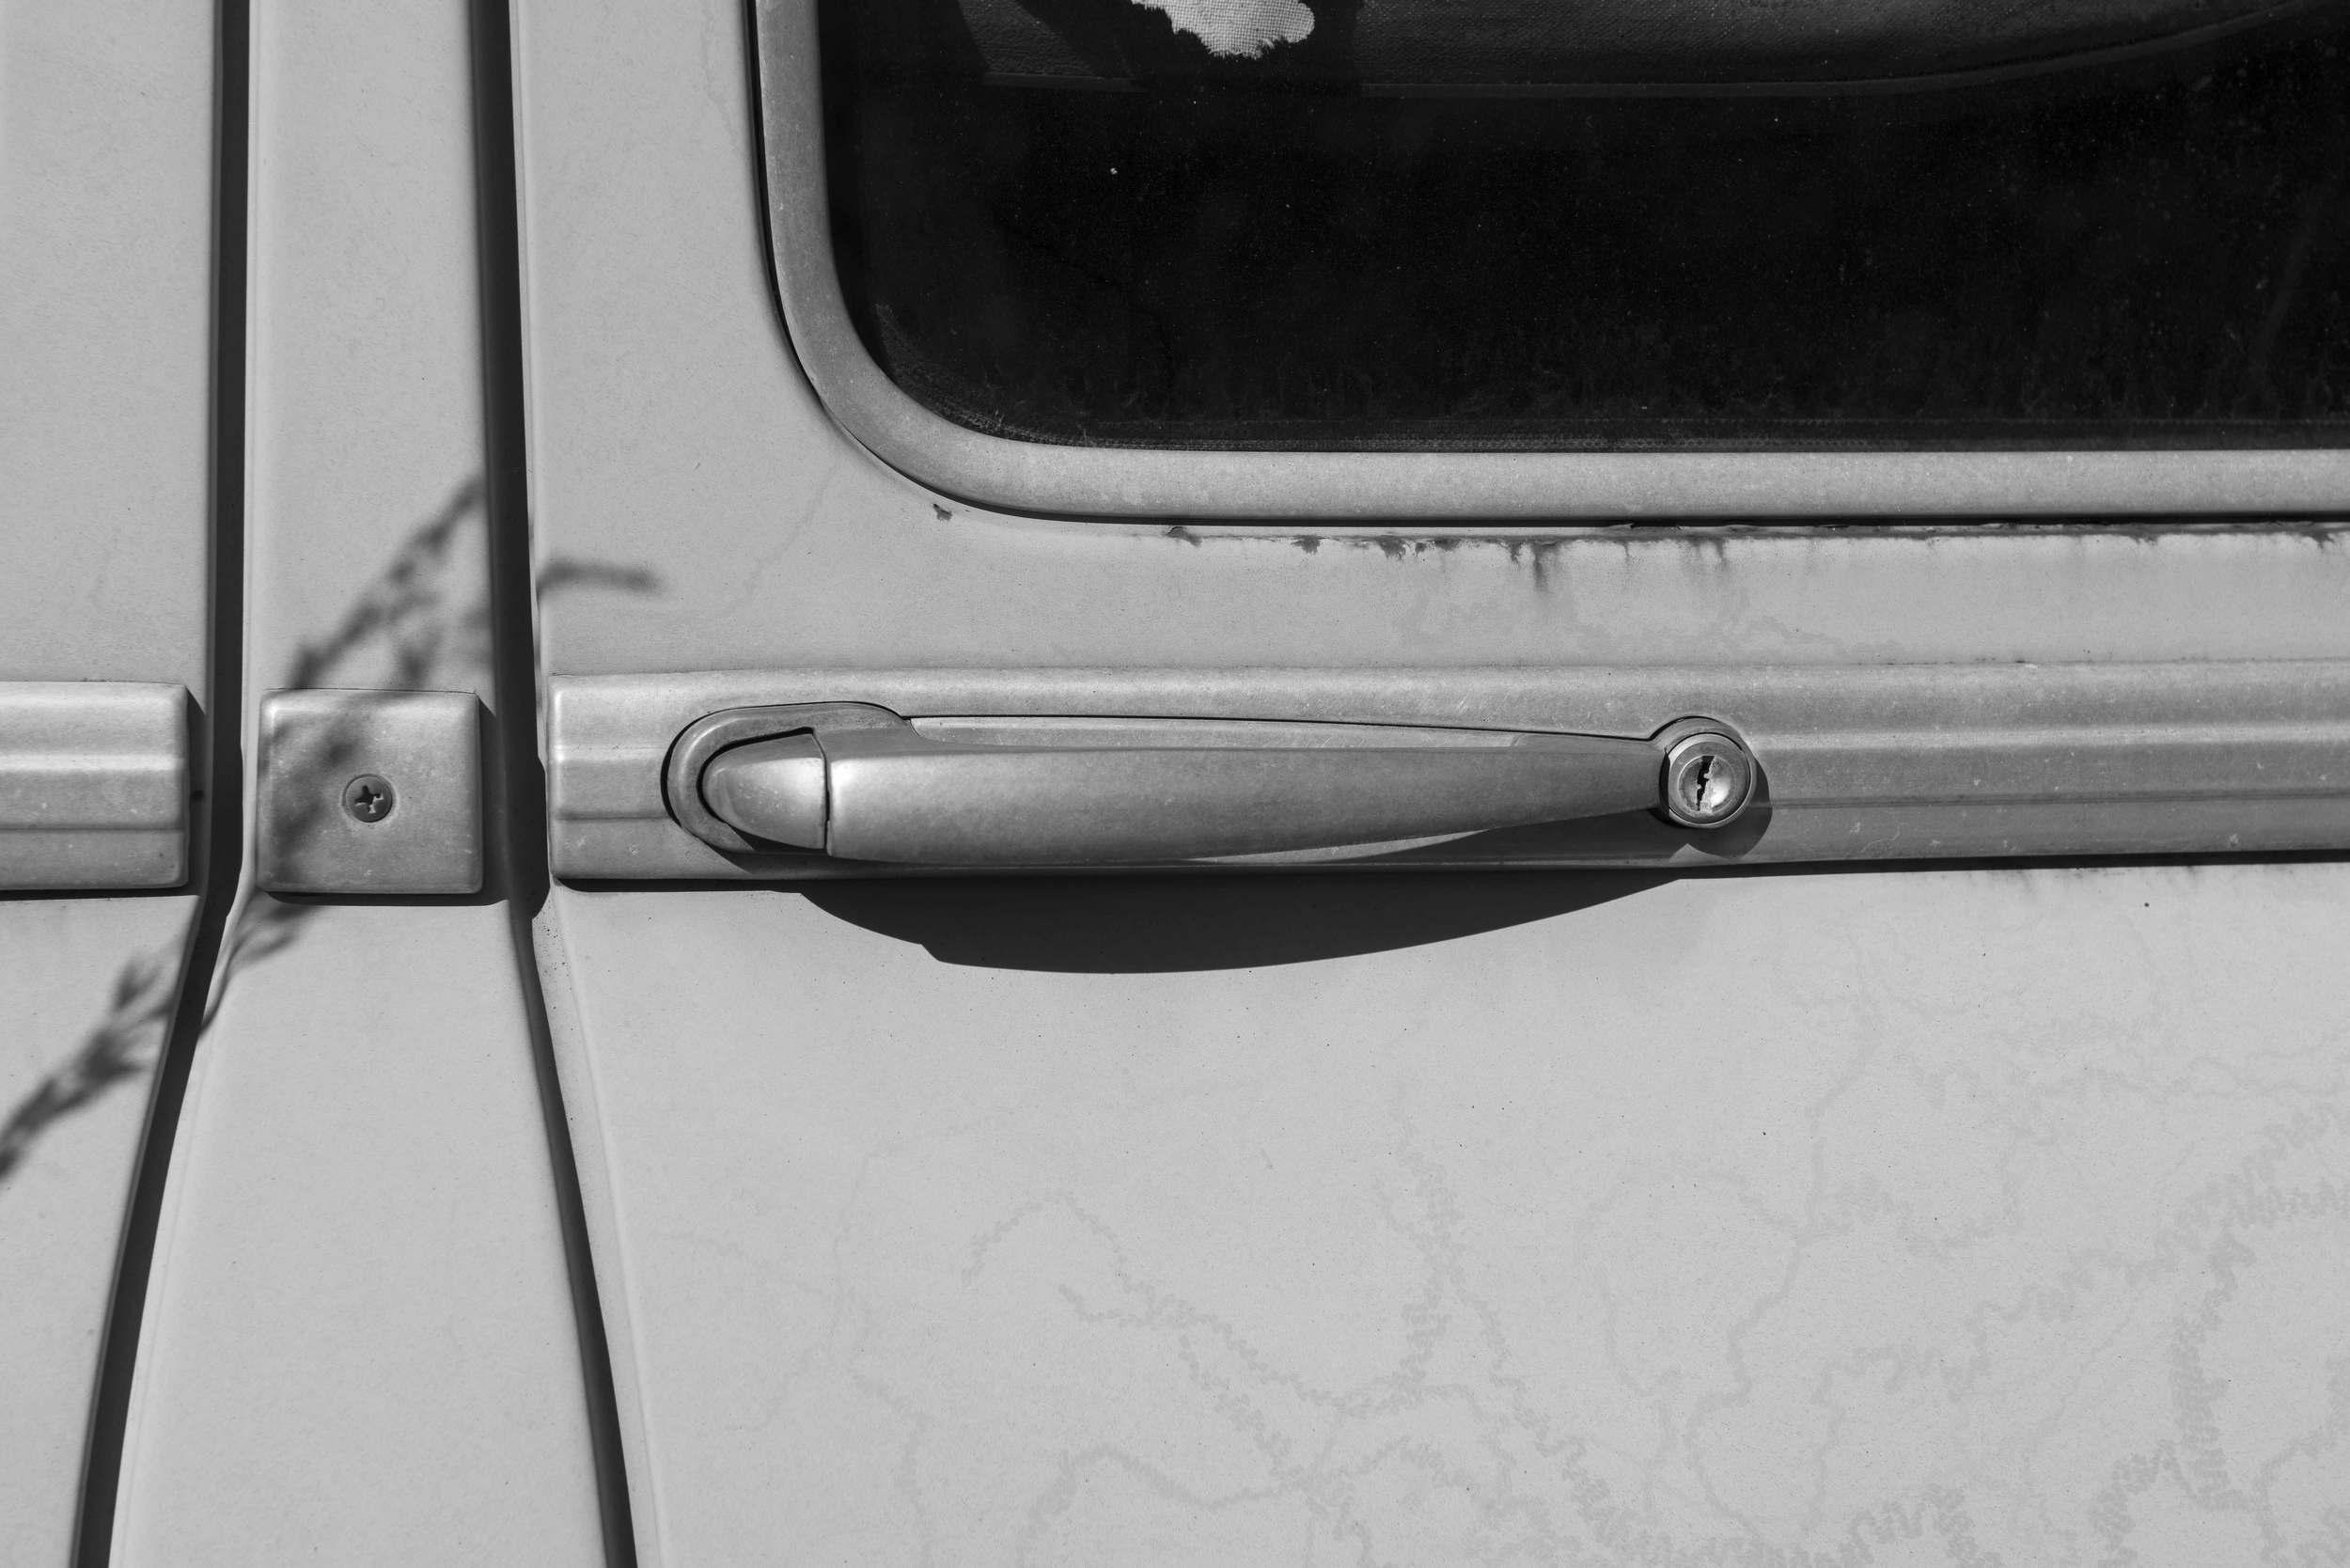 Panhard   -  abandoned   -  detail  -  door handle